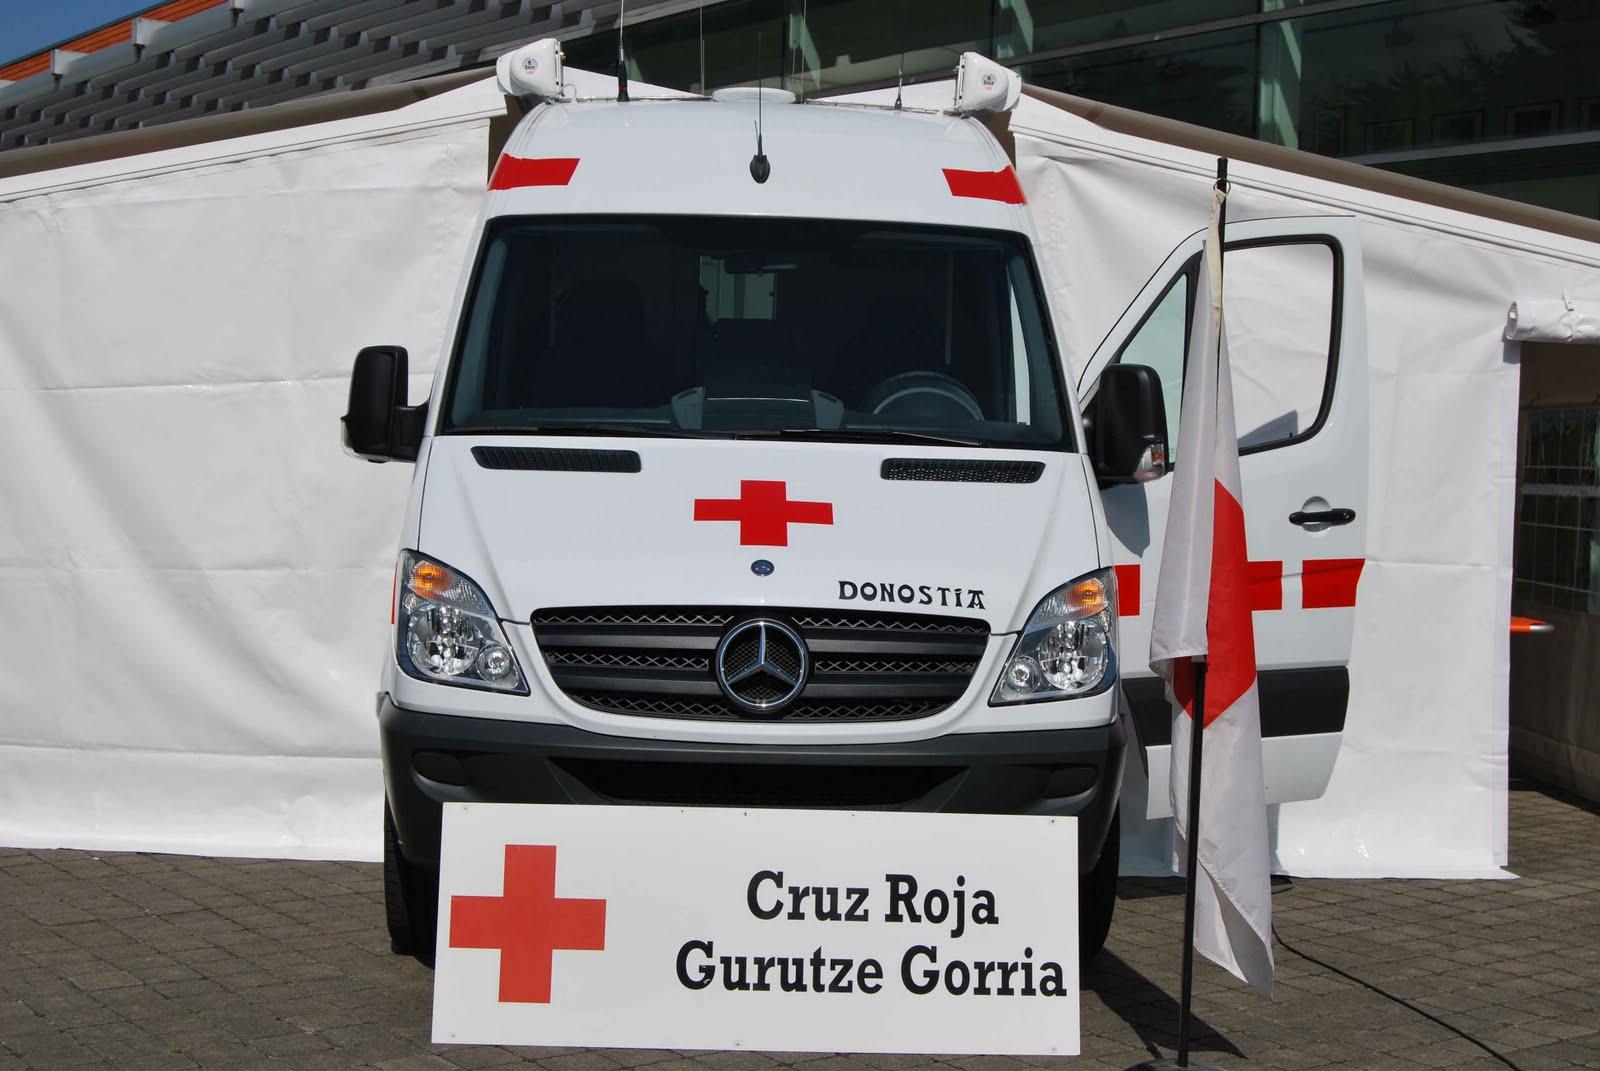 Campa a de cruz roja en gipuzkoa sobre la prevenci n de la for Muebles basoko